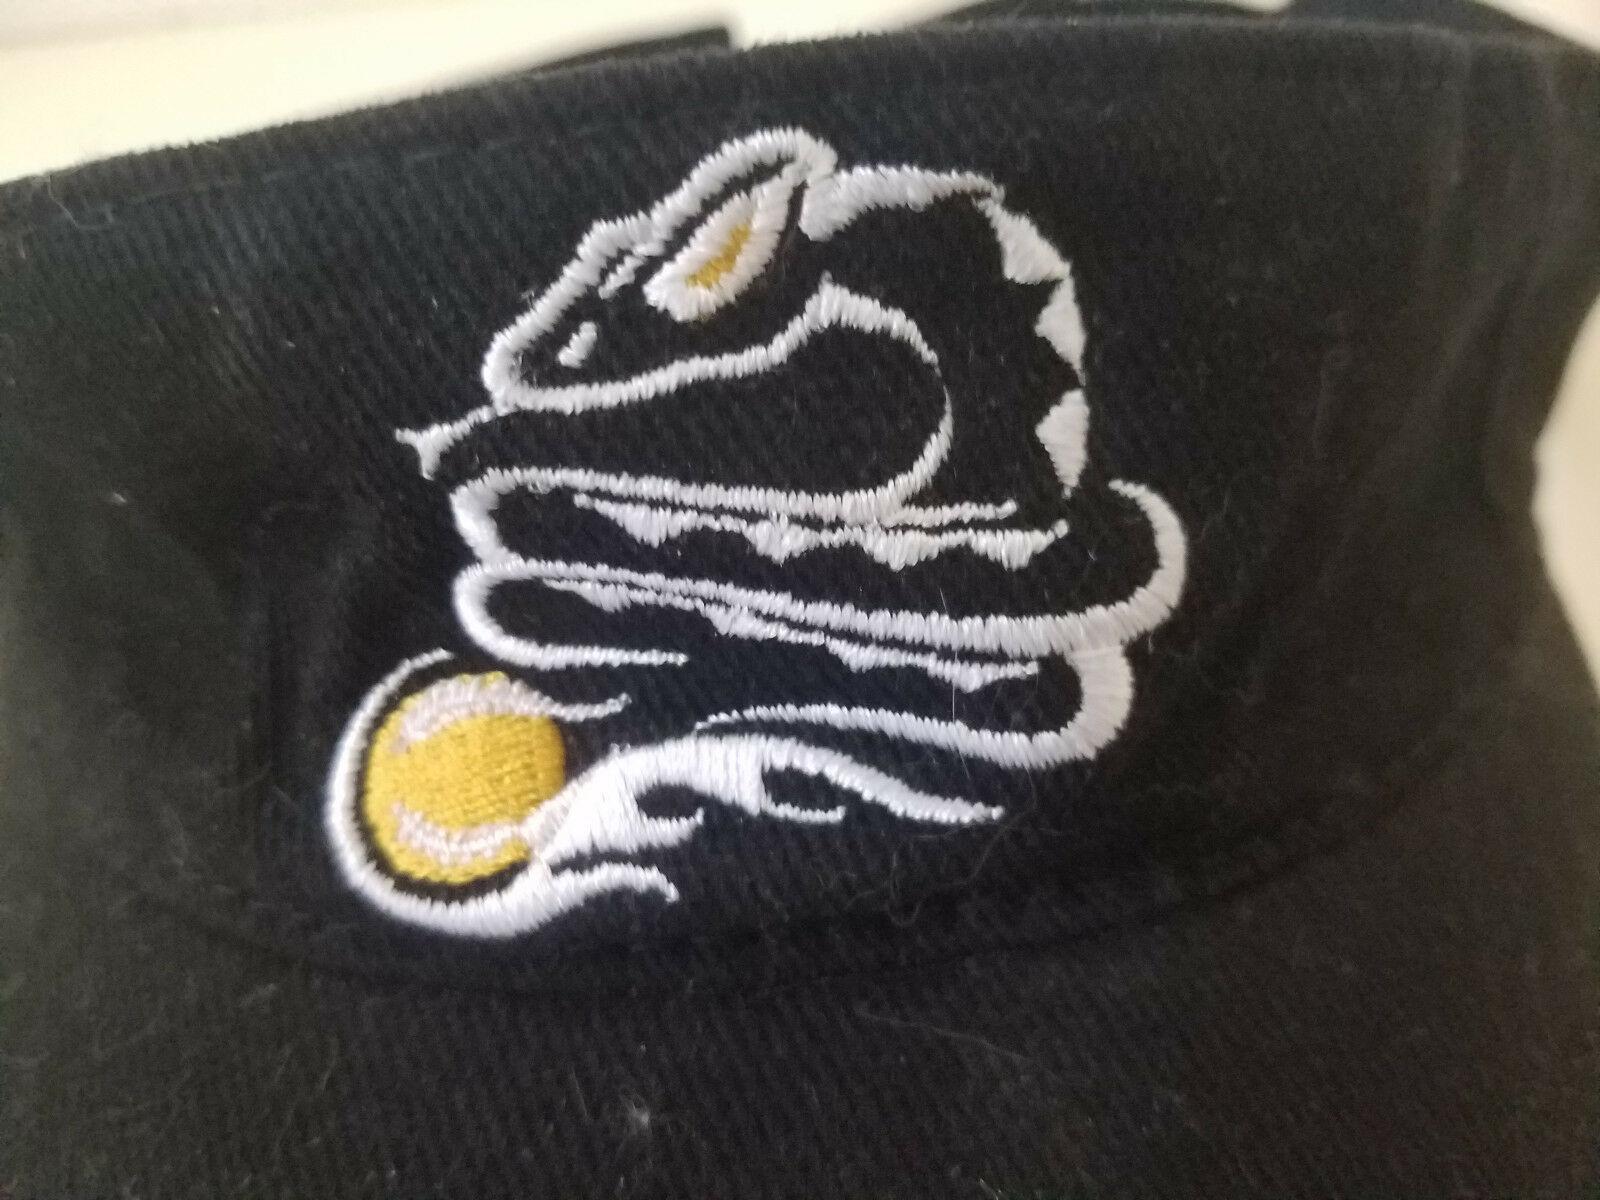 Arizona Diamondbacks Diamondbackers Baseball Visor / Hat MLB Dbacks 2003